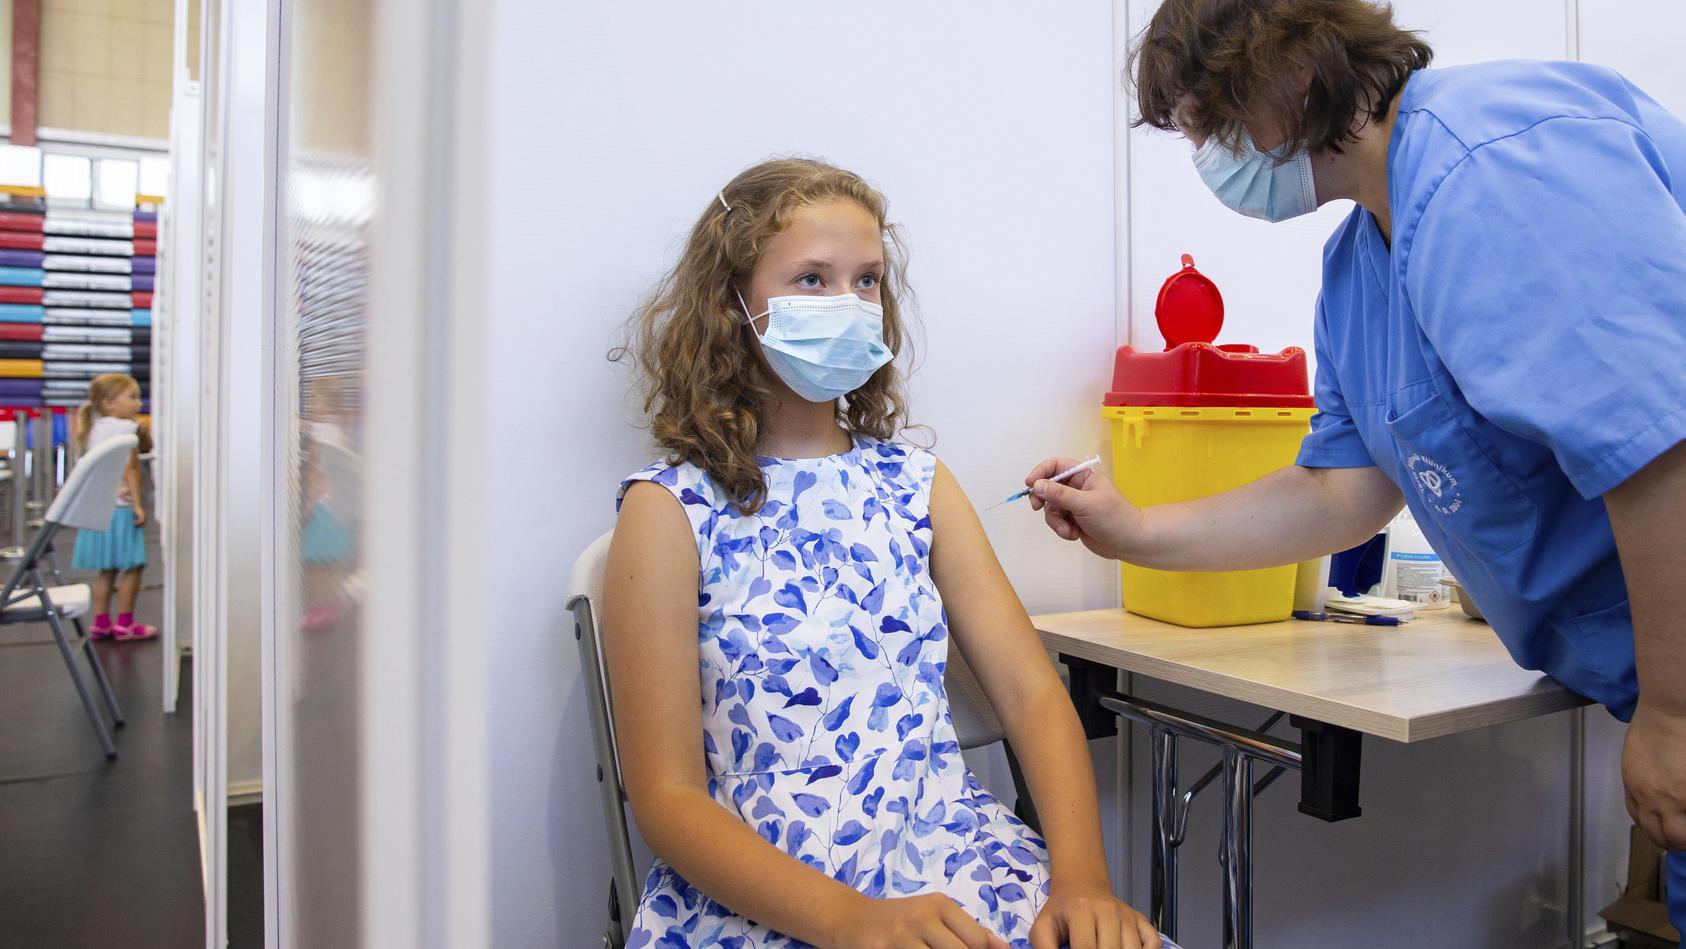 Nach den Beschlüssen der Gesundheitsministerkonferenz sollen nun auch Kinder- und Jugendliche ein verstärktes Impfangebot erhalten.